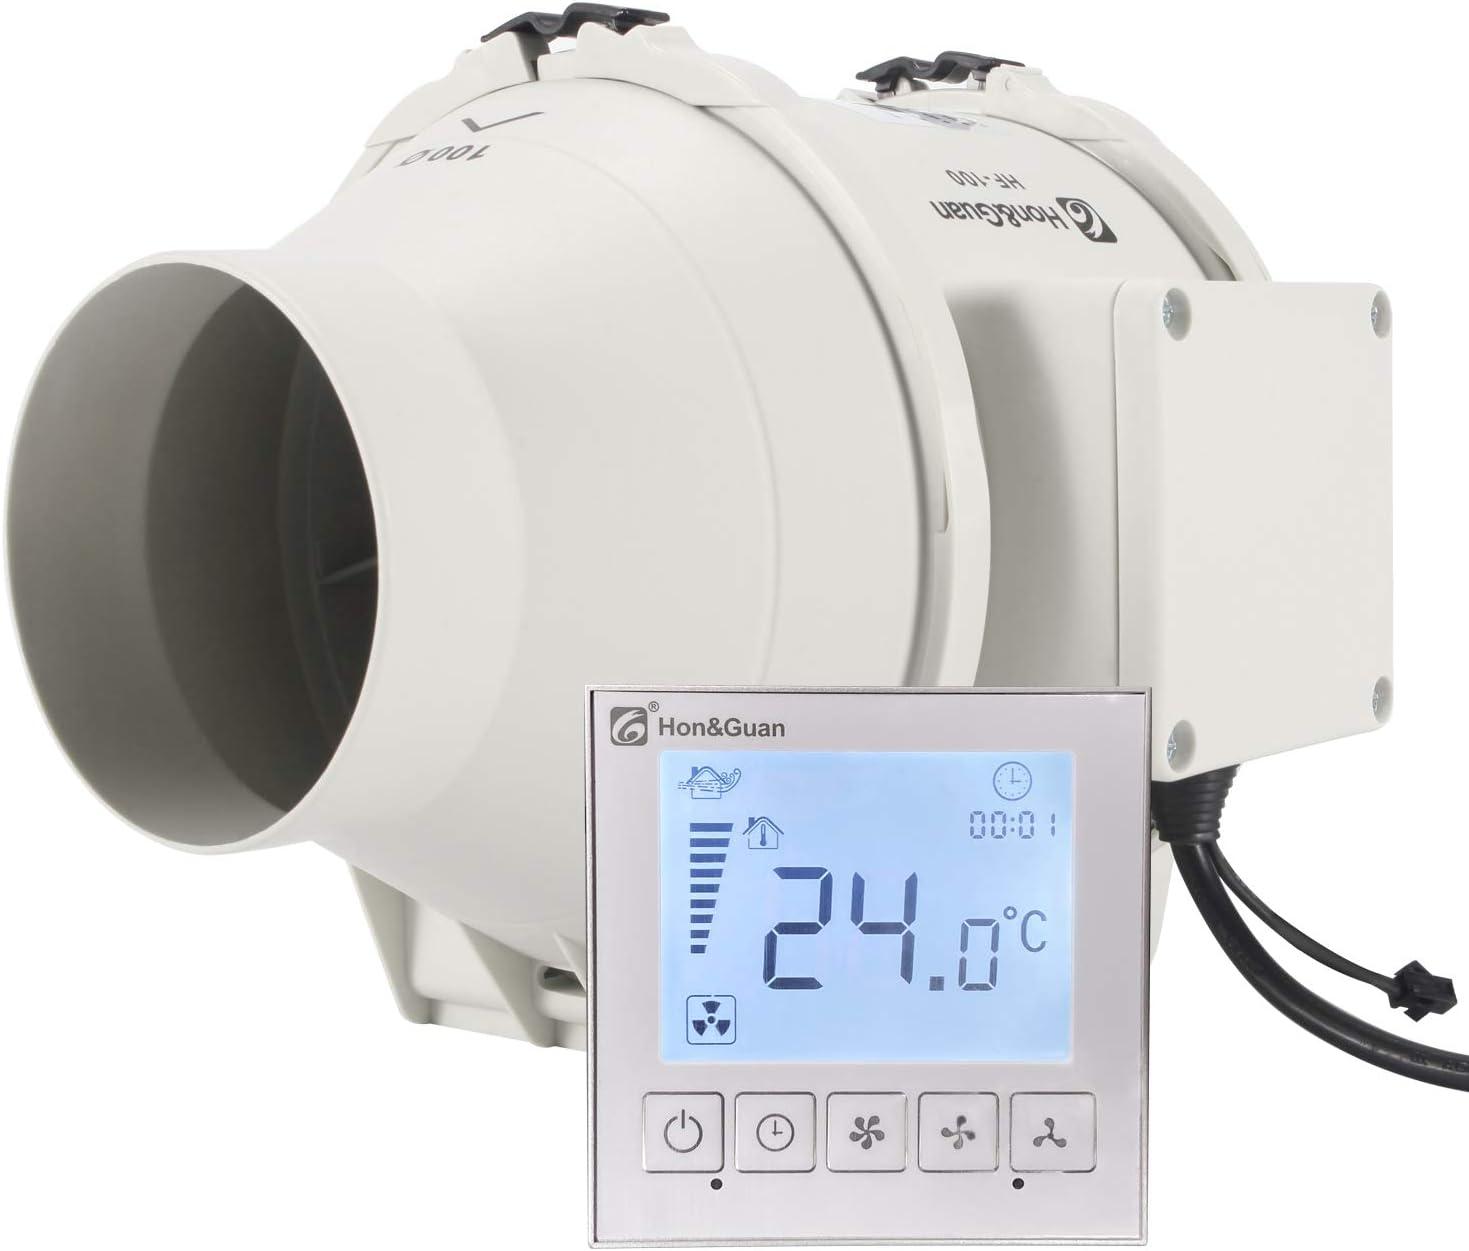 Hon&Guan ø100mm Ventilador Extractor de Aire con Temporizador y Controlador Inteligente , 240m³/h (ø100mm)